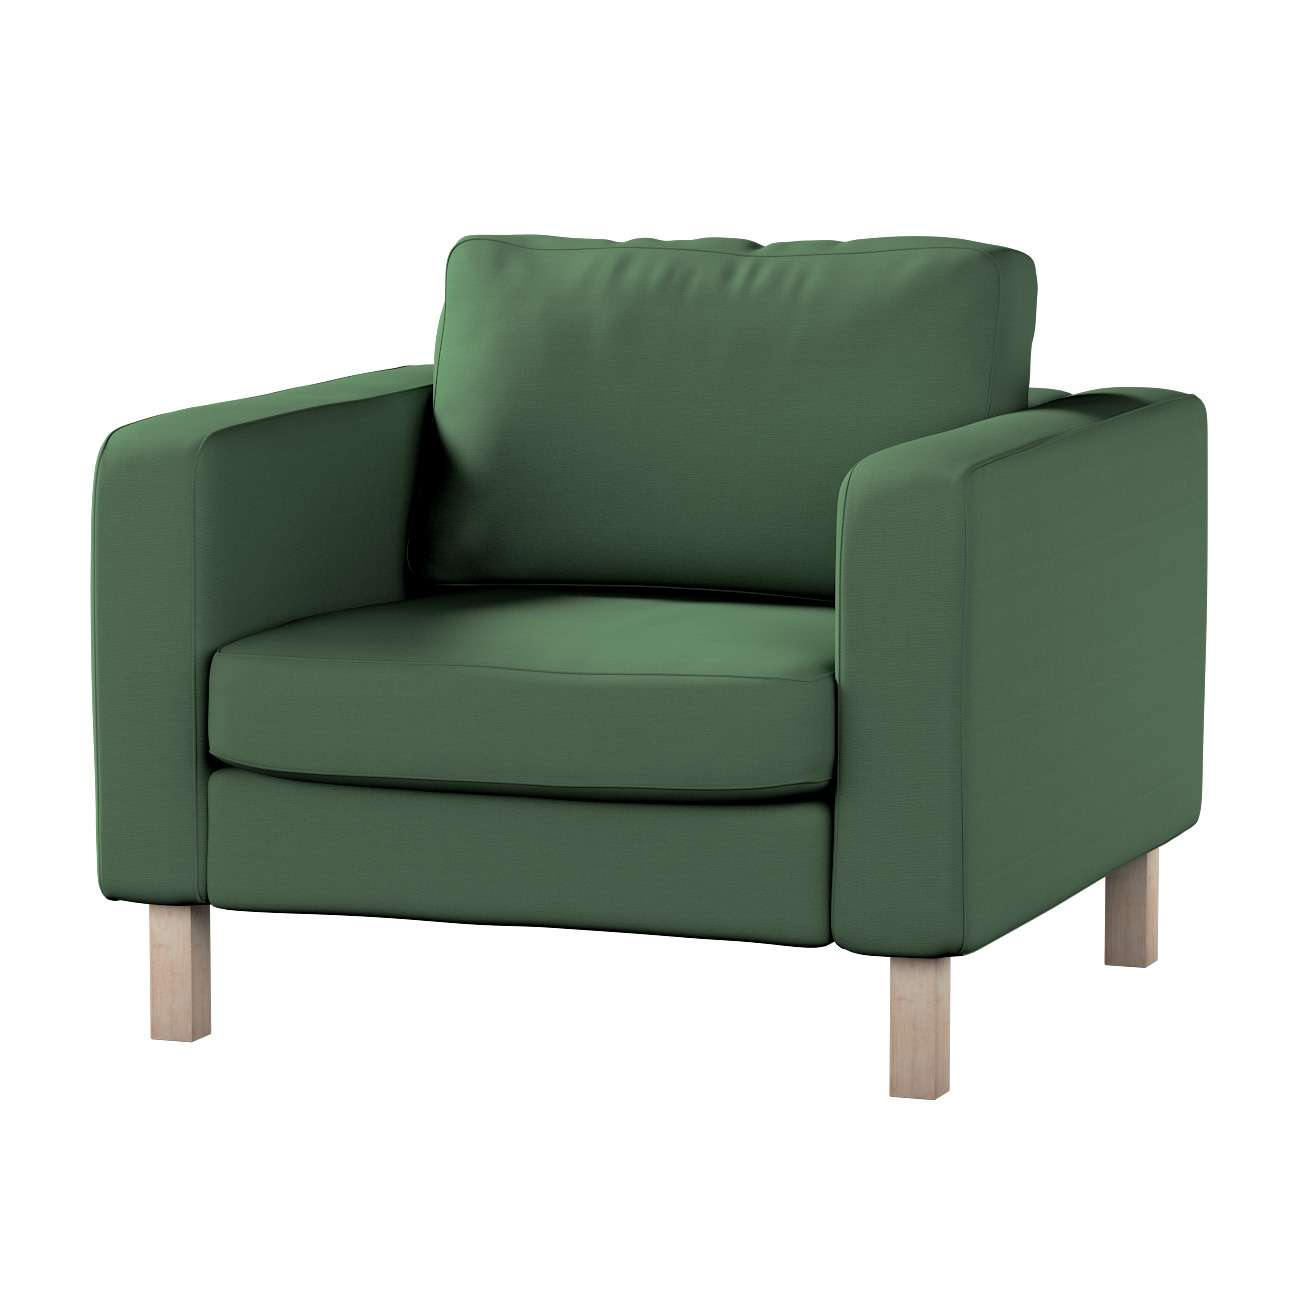 Karlstad fotelio užvalkalas Karlstad fotelio užvalkalas kolekcijoje Cotton Panama, audinys: 702-06